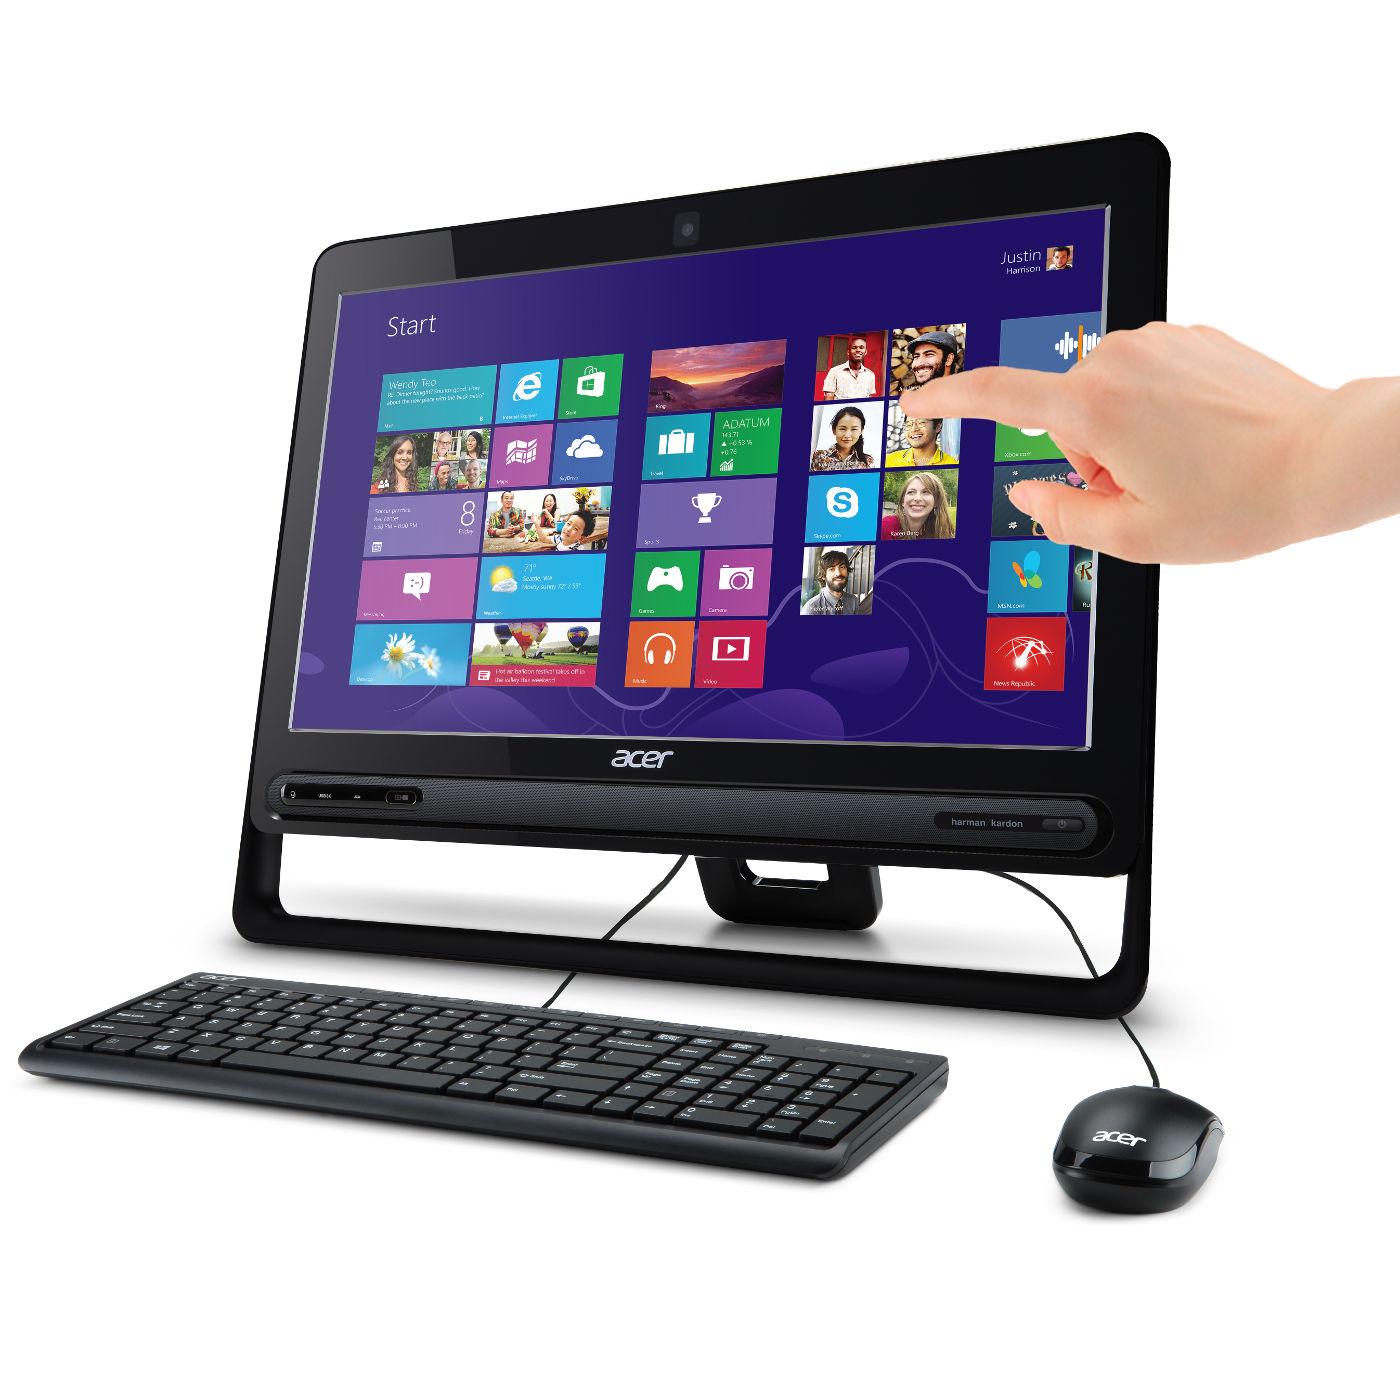 Acer aspire z3 105 dq pc de bureau acer sur - Acer ordinateur de bureau ...